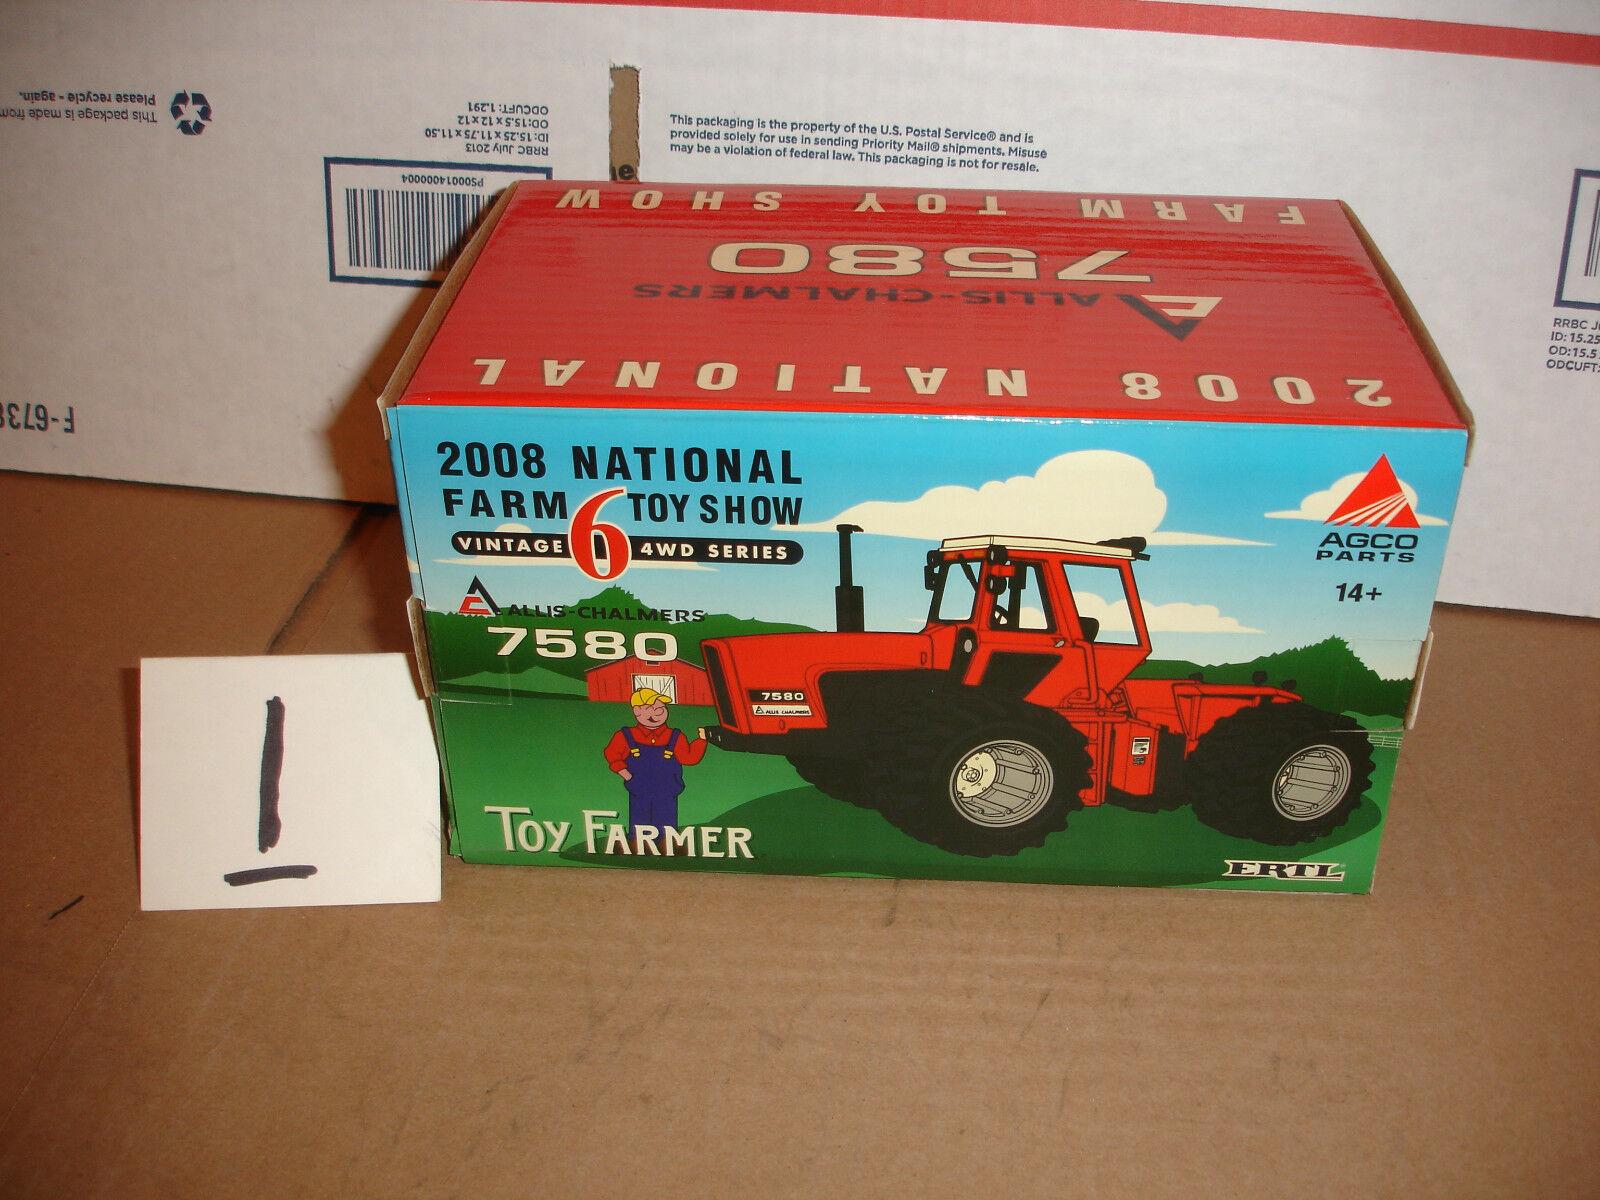 1 32 allis chalmer 7580 toy farmer tractor